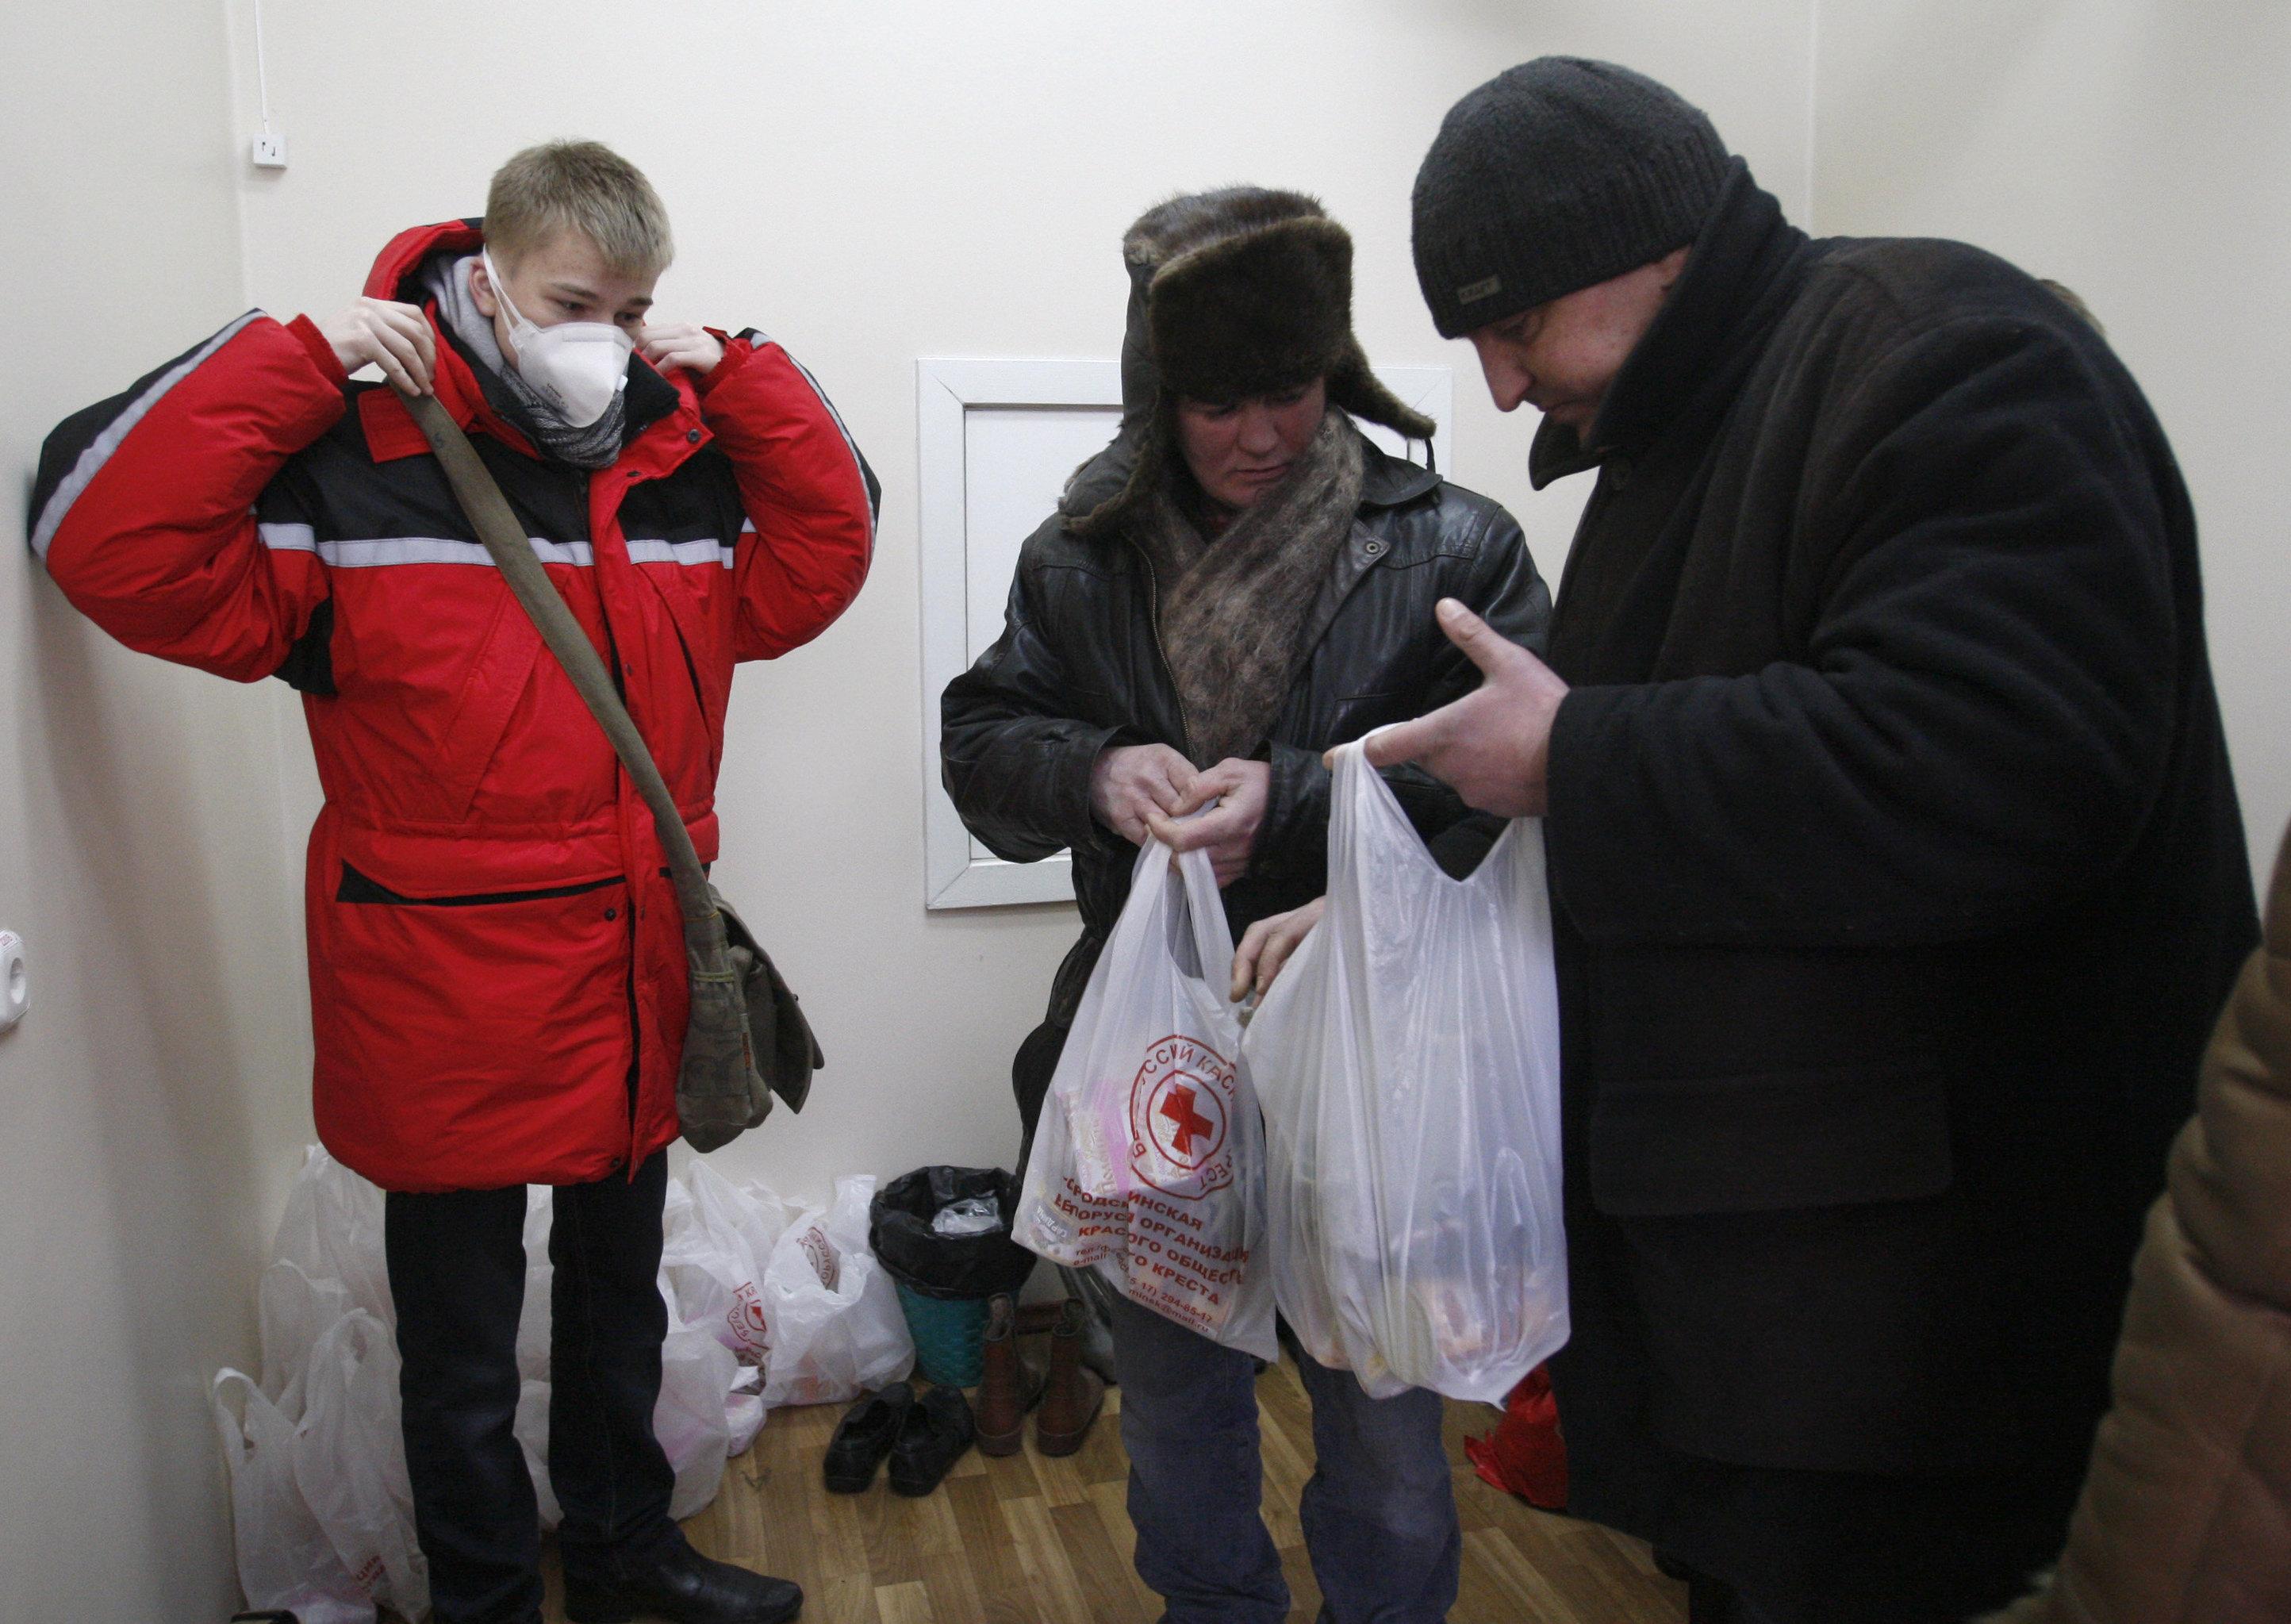 Сотрудники общественной организации Красный крест выдают людям без определенного места жительства одежду и еду в Центре дезинфекции и стерилизации в Минске во время акции, направленной на поддержку бездомных в холодное время года